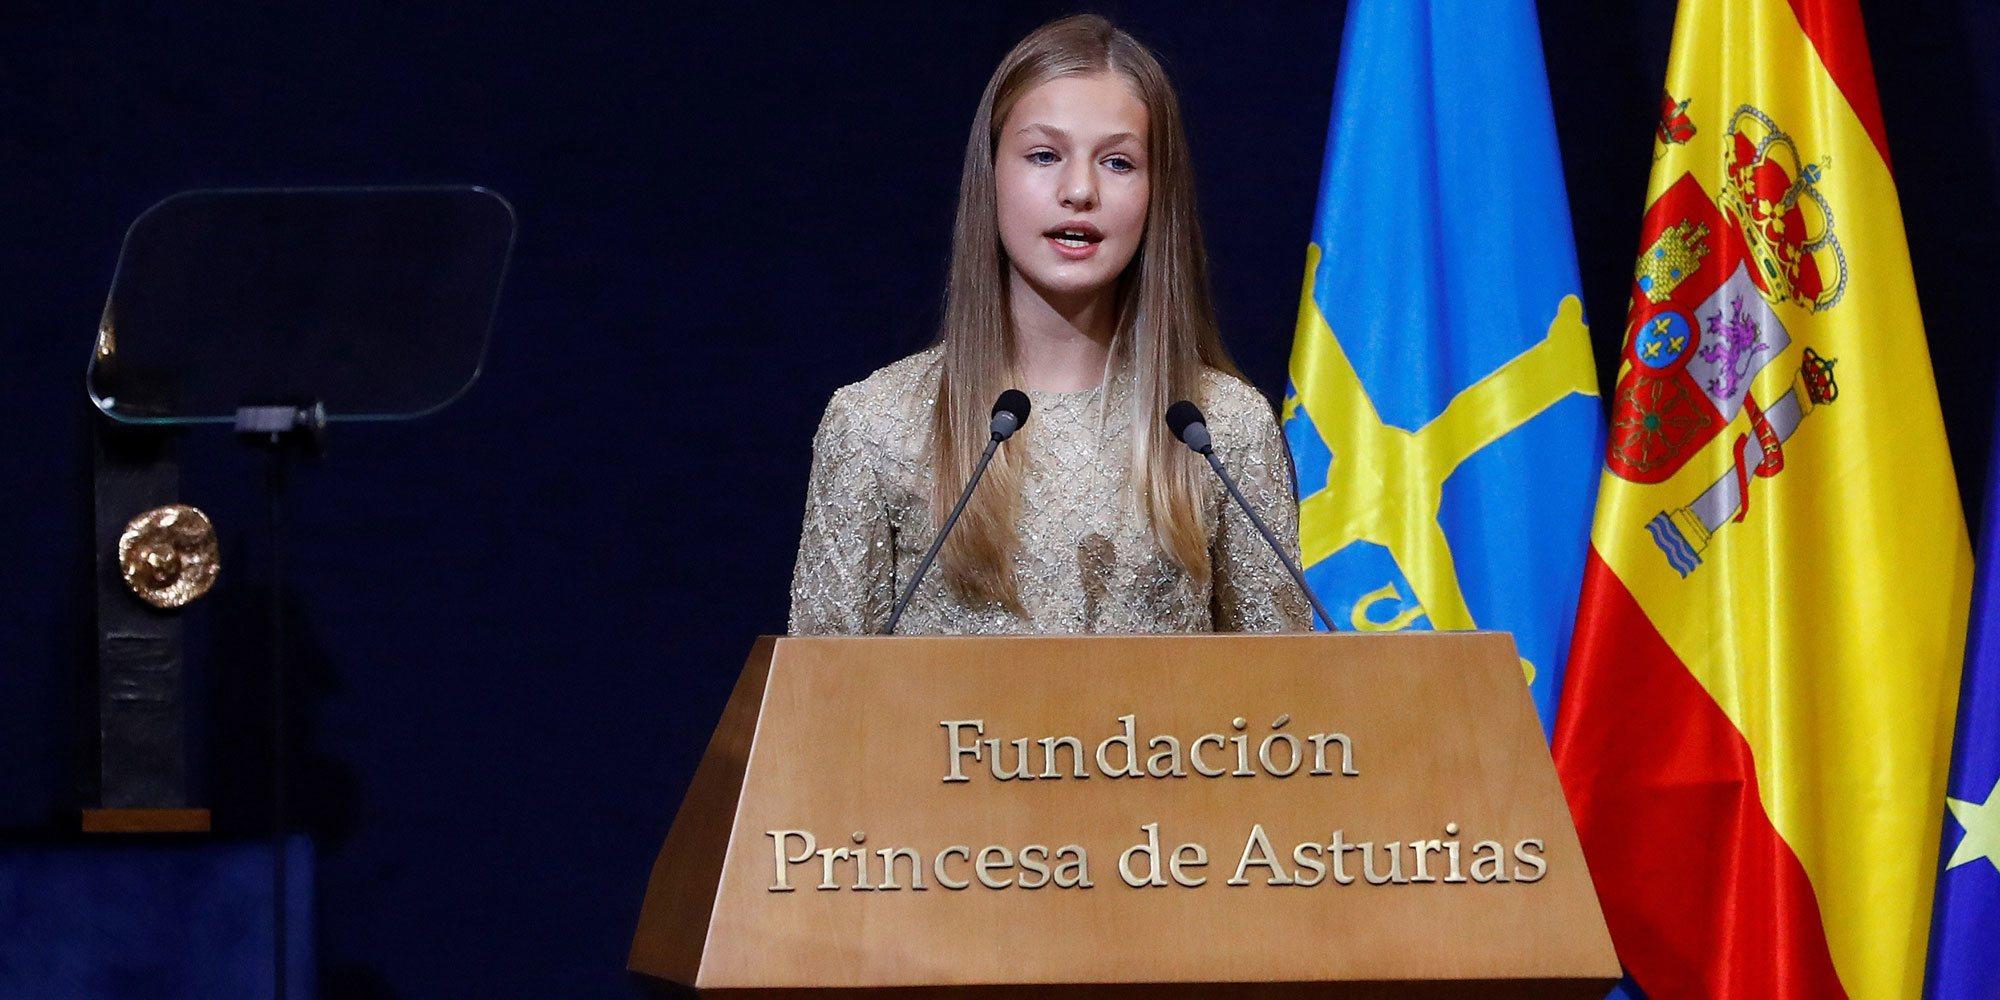 El discurso de la Princesa Leonor en los Premios Princesa de Asturias 2020: pandemia y referencias familiares